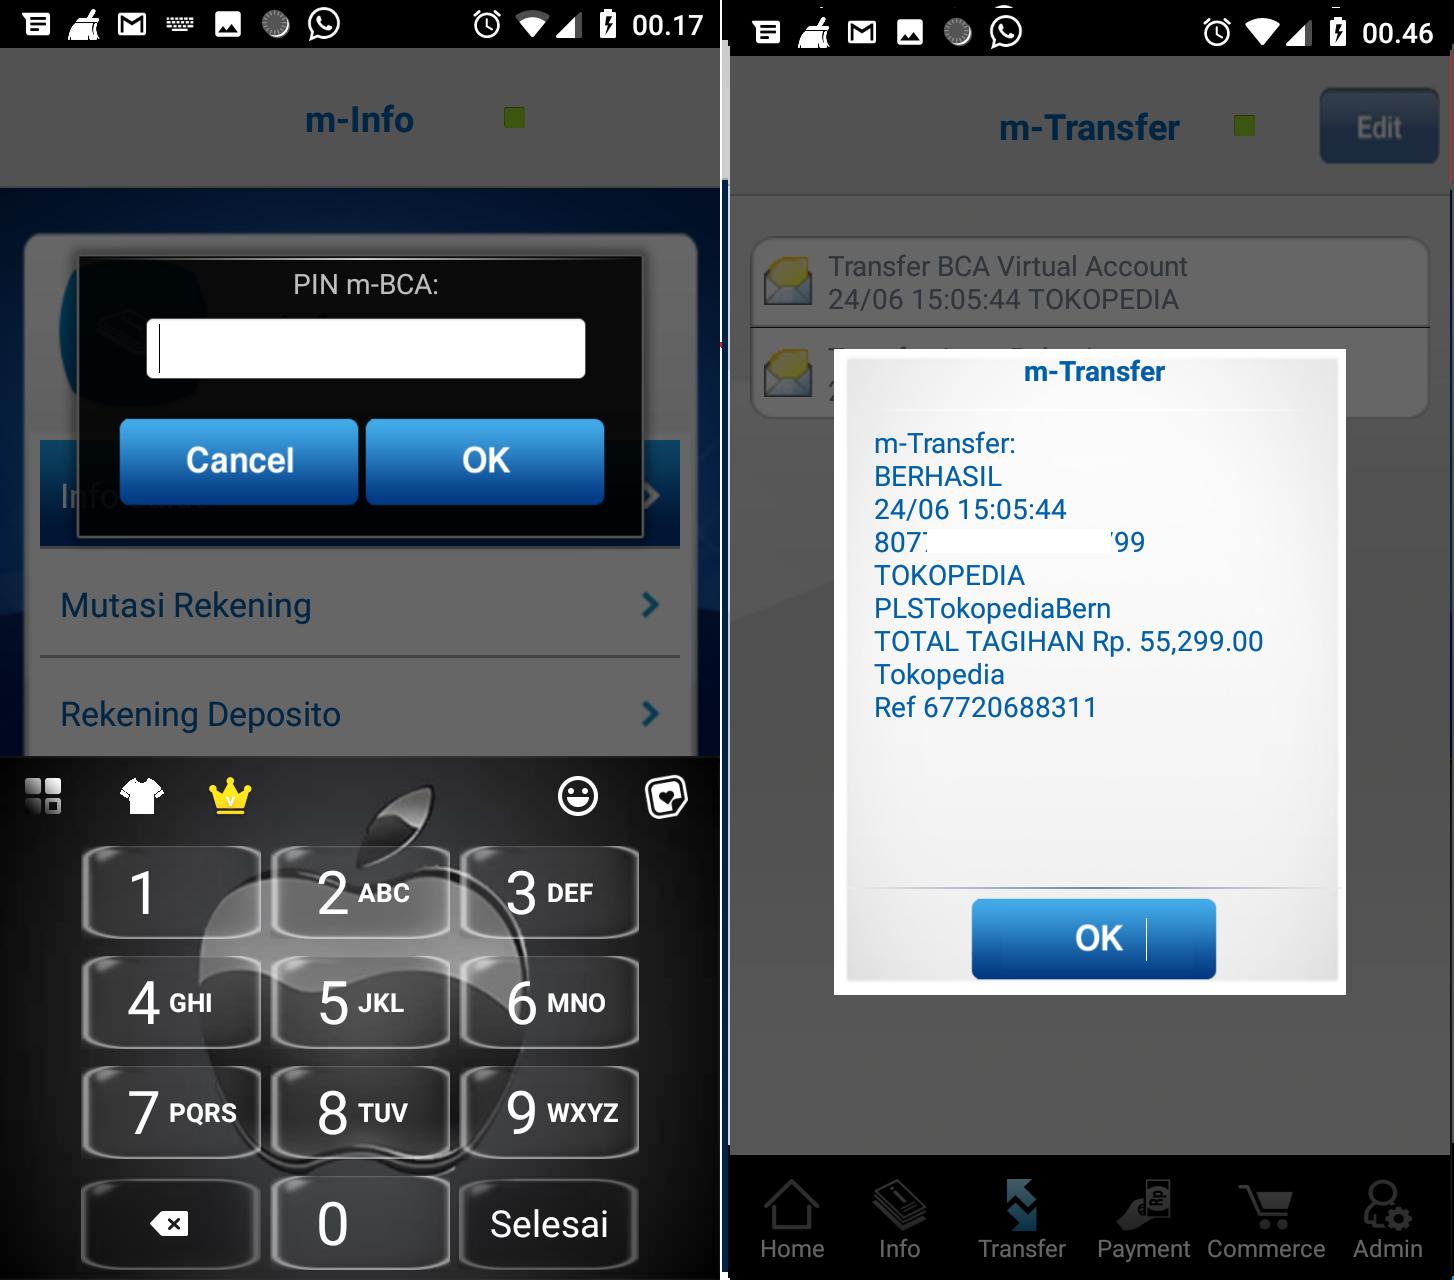 Cara Praktis Transfer Uang Lewat M Bca Baik Antar Rekening Ke Bank Lain Atau Dengan Virtual Account